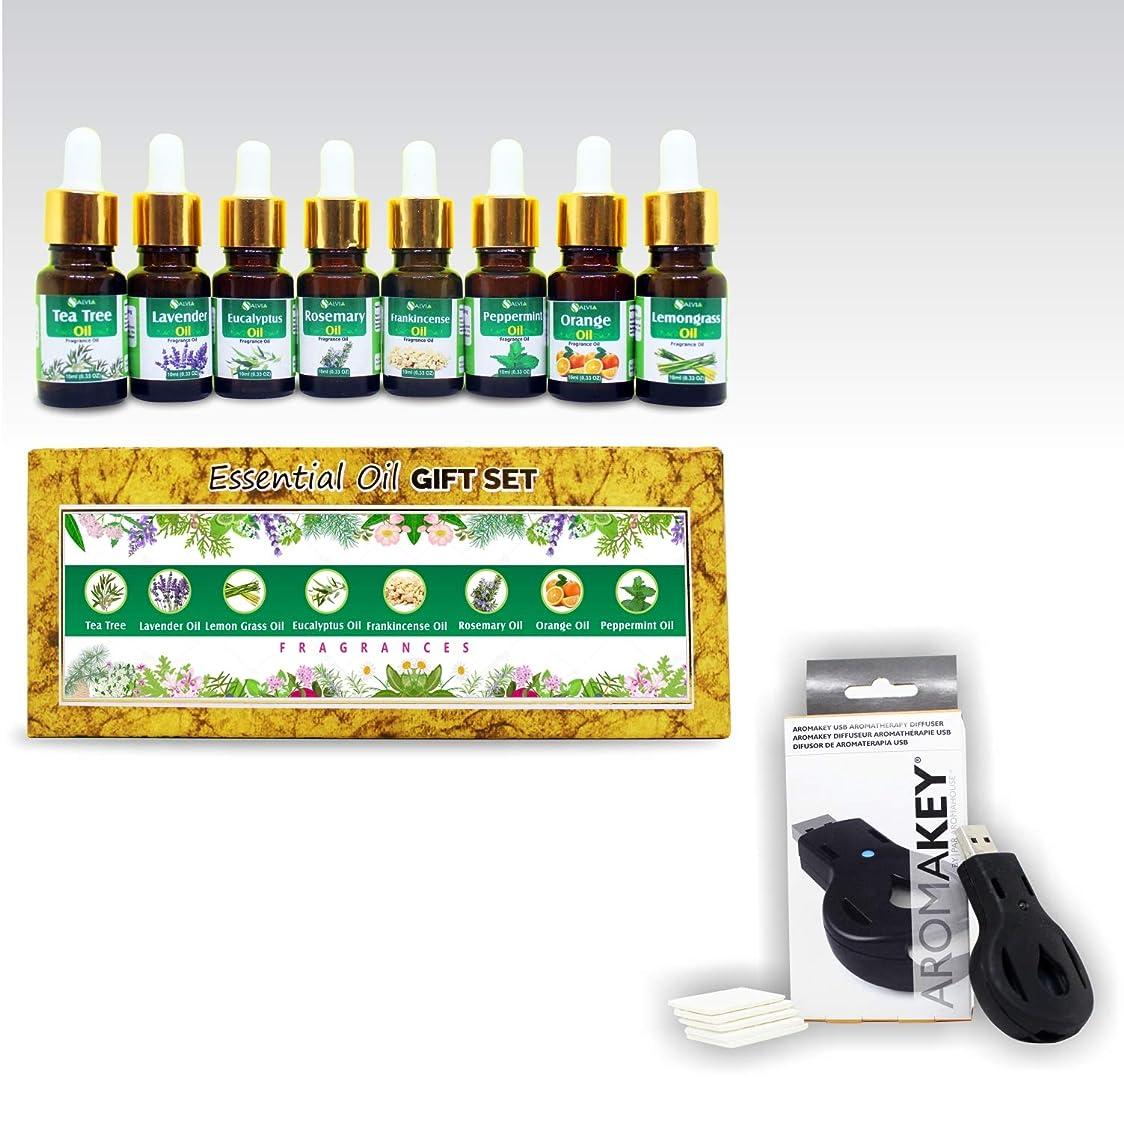 気怠い胸スポーツをするAromatherapy Essential Oils - Gift set (Pack of 8) 100% Pure & Natural Plus Aromakey USB Personal Diffuser, Humidifier, Air Freshener For Office, Car, etc